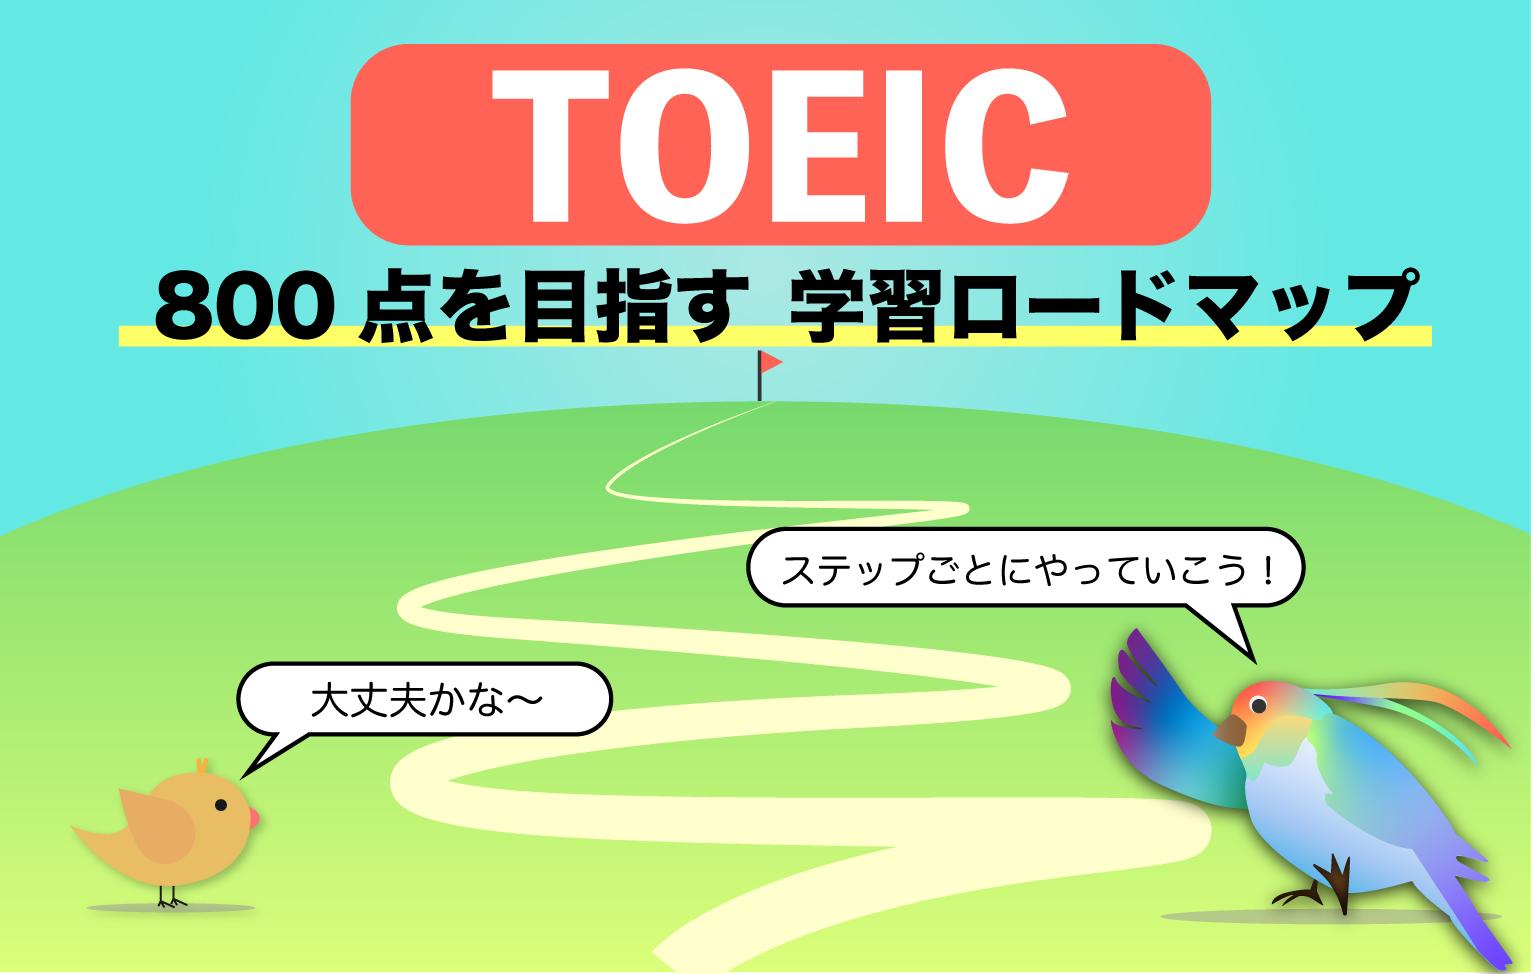 【初心者歓迎!】TOEIC 高得点達成ロードマップ【6ヶ月で達成できる】